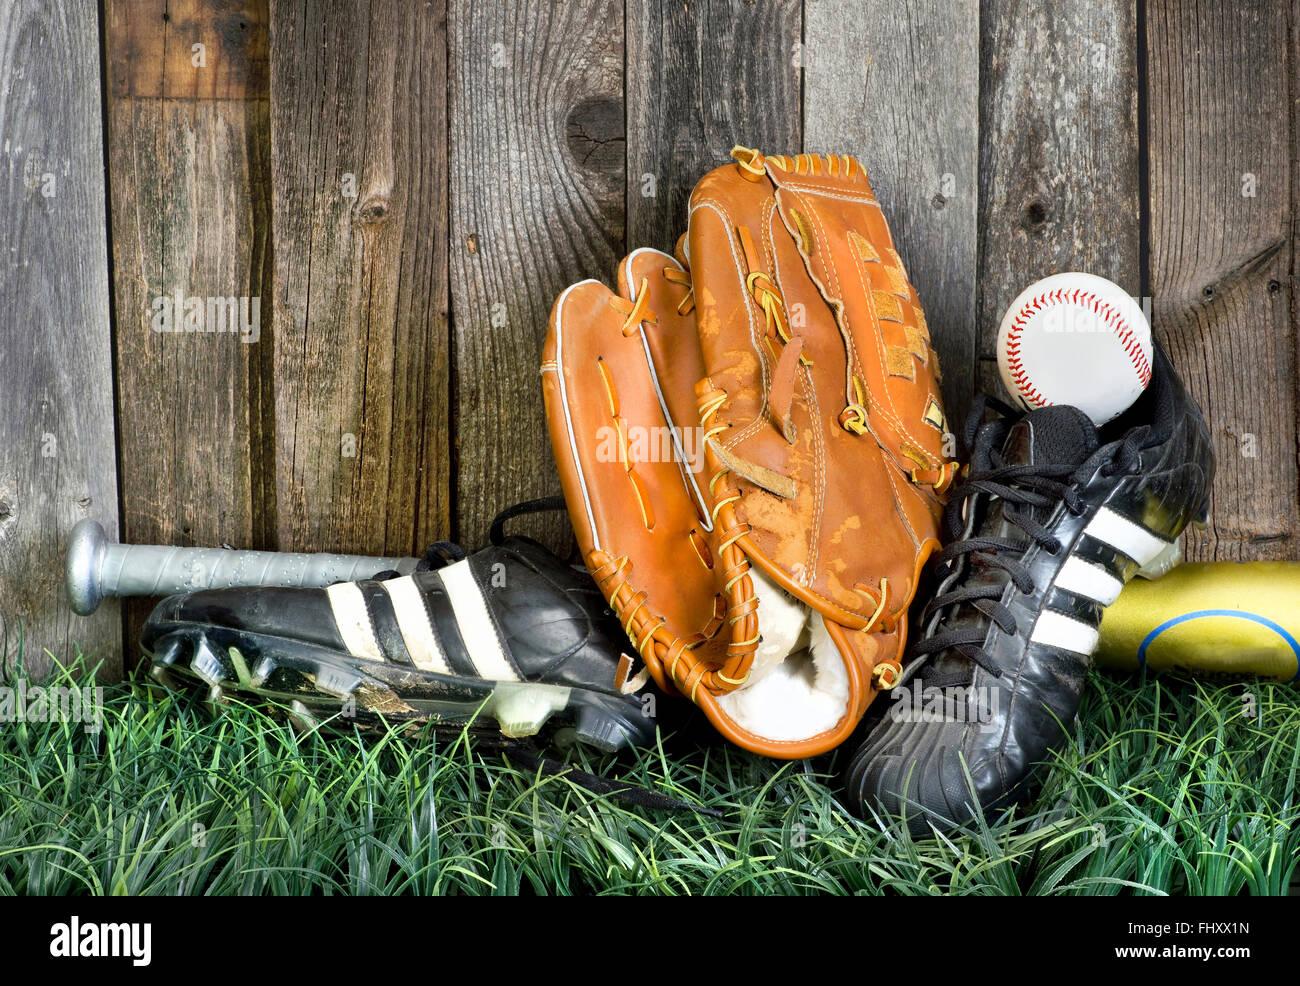 Il tempo per giocare a baseball americano con la giusta attrezzatura. Immagini Stock